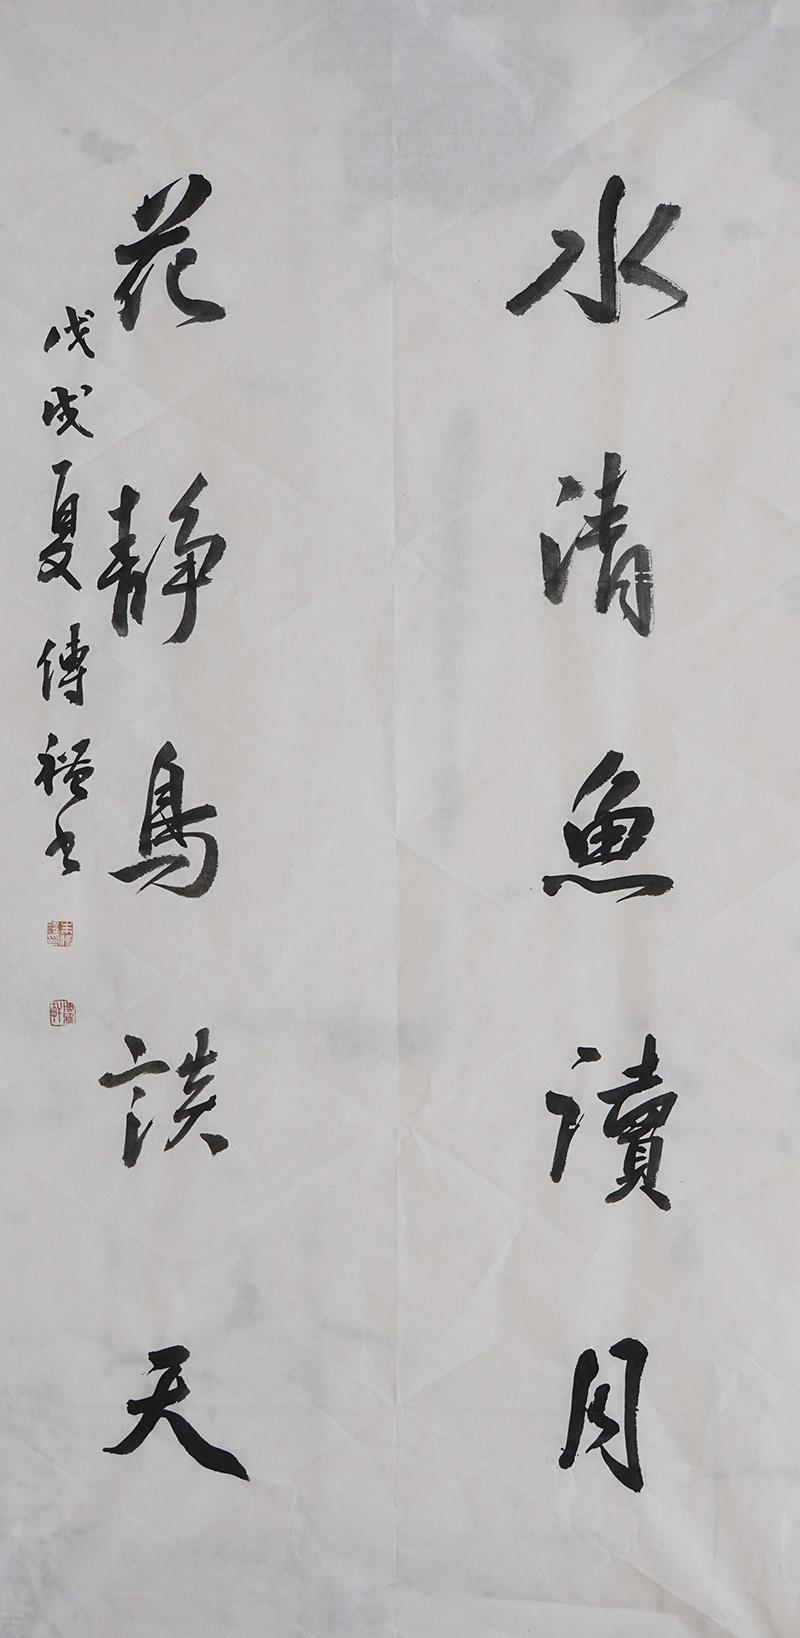 朱传礼作品之一 (9)